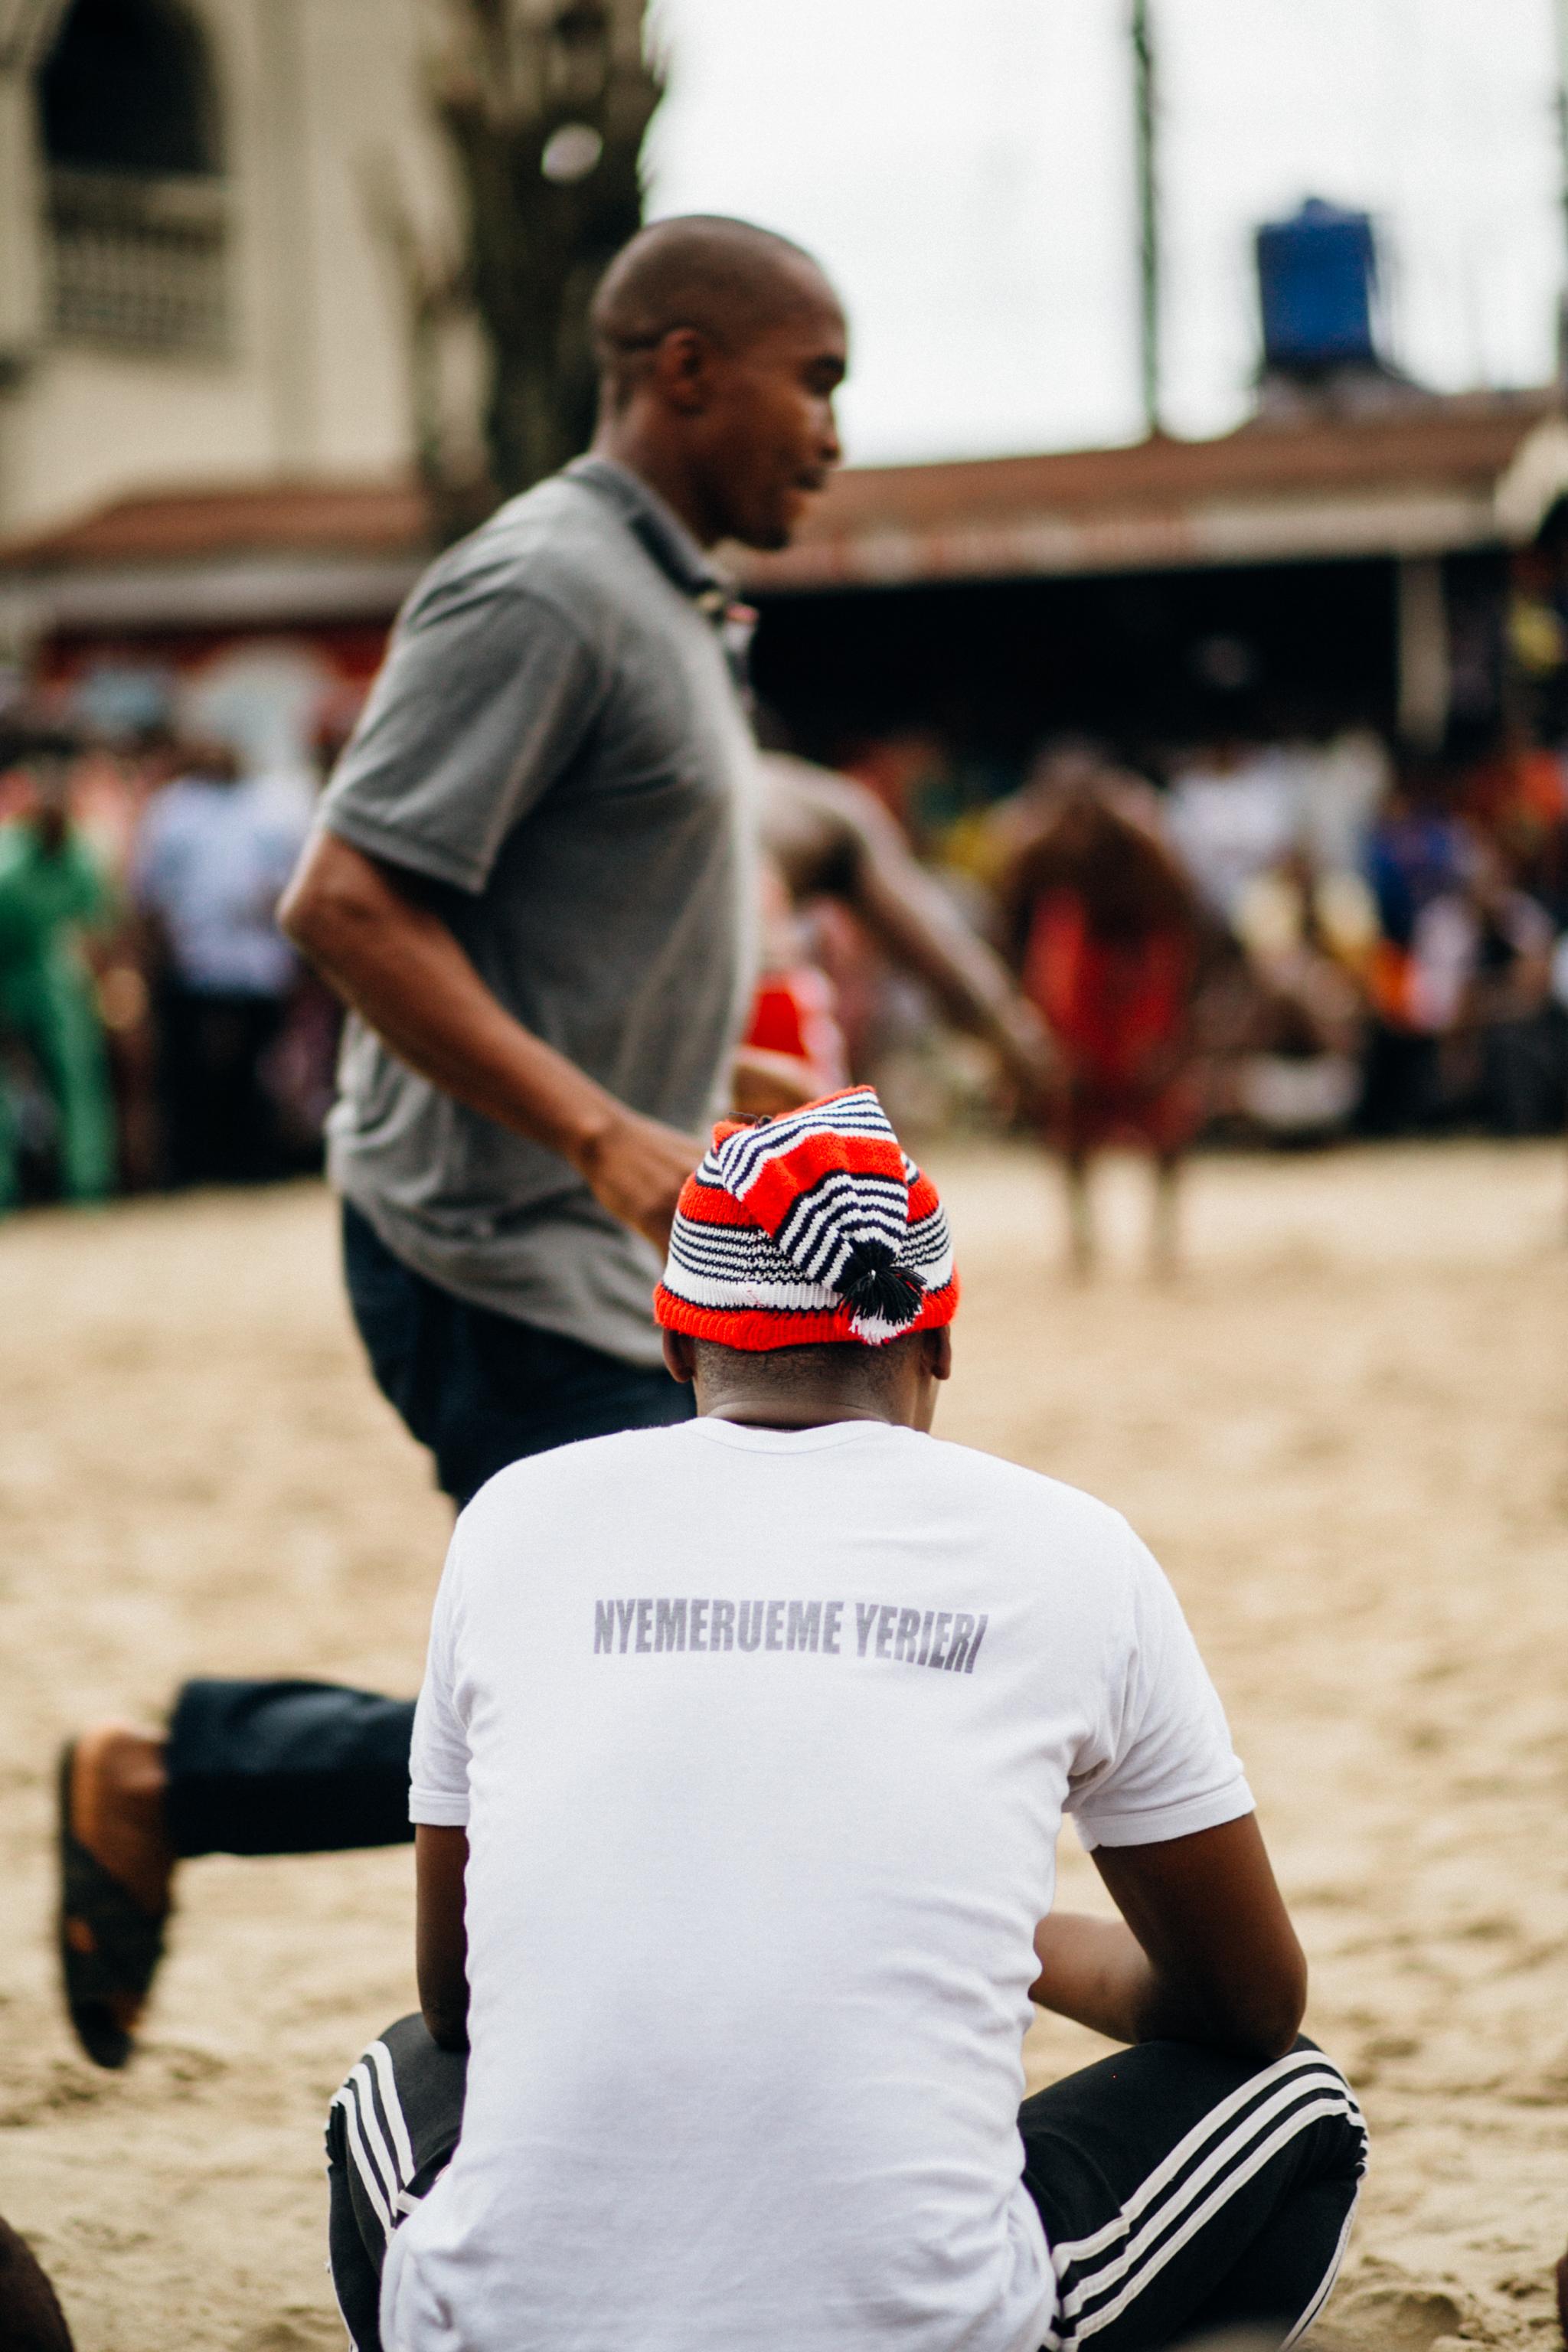 Nyemerueme Yerieri, Egelege Festival, Ogbunabali, Port Harcourt